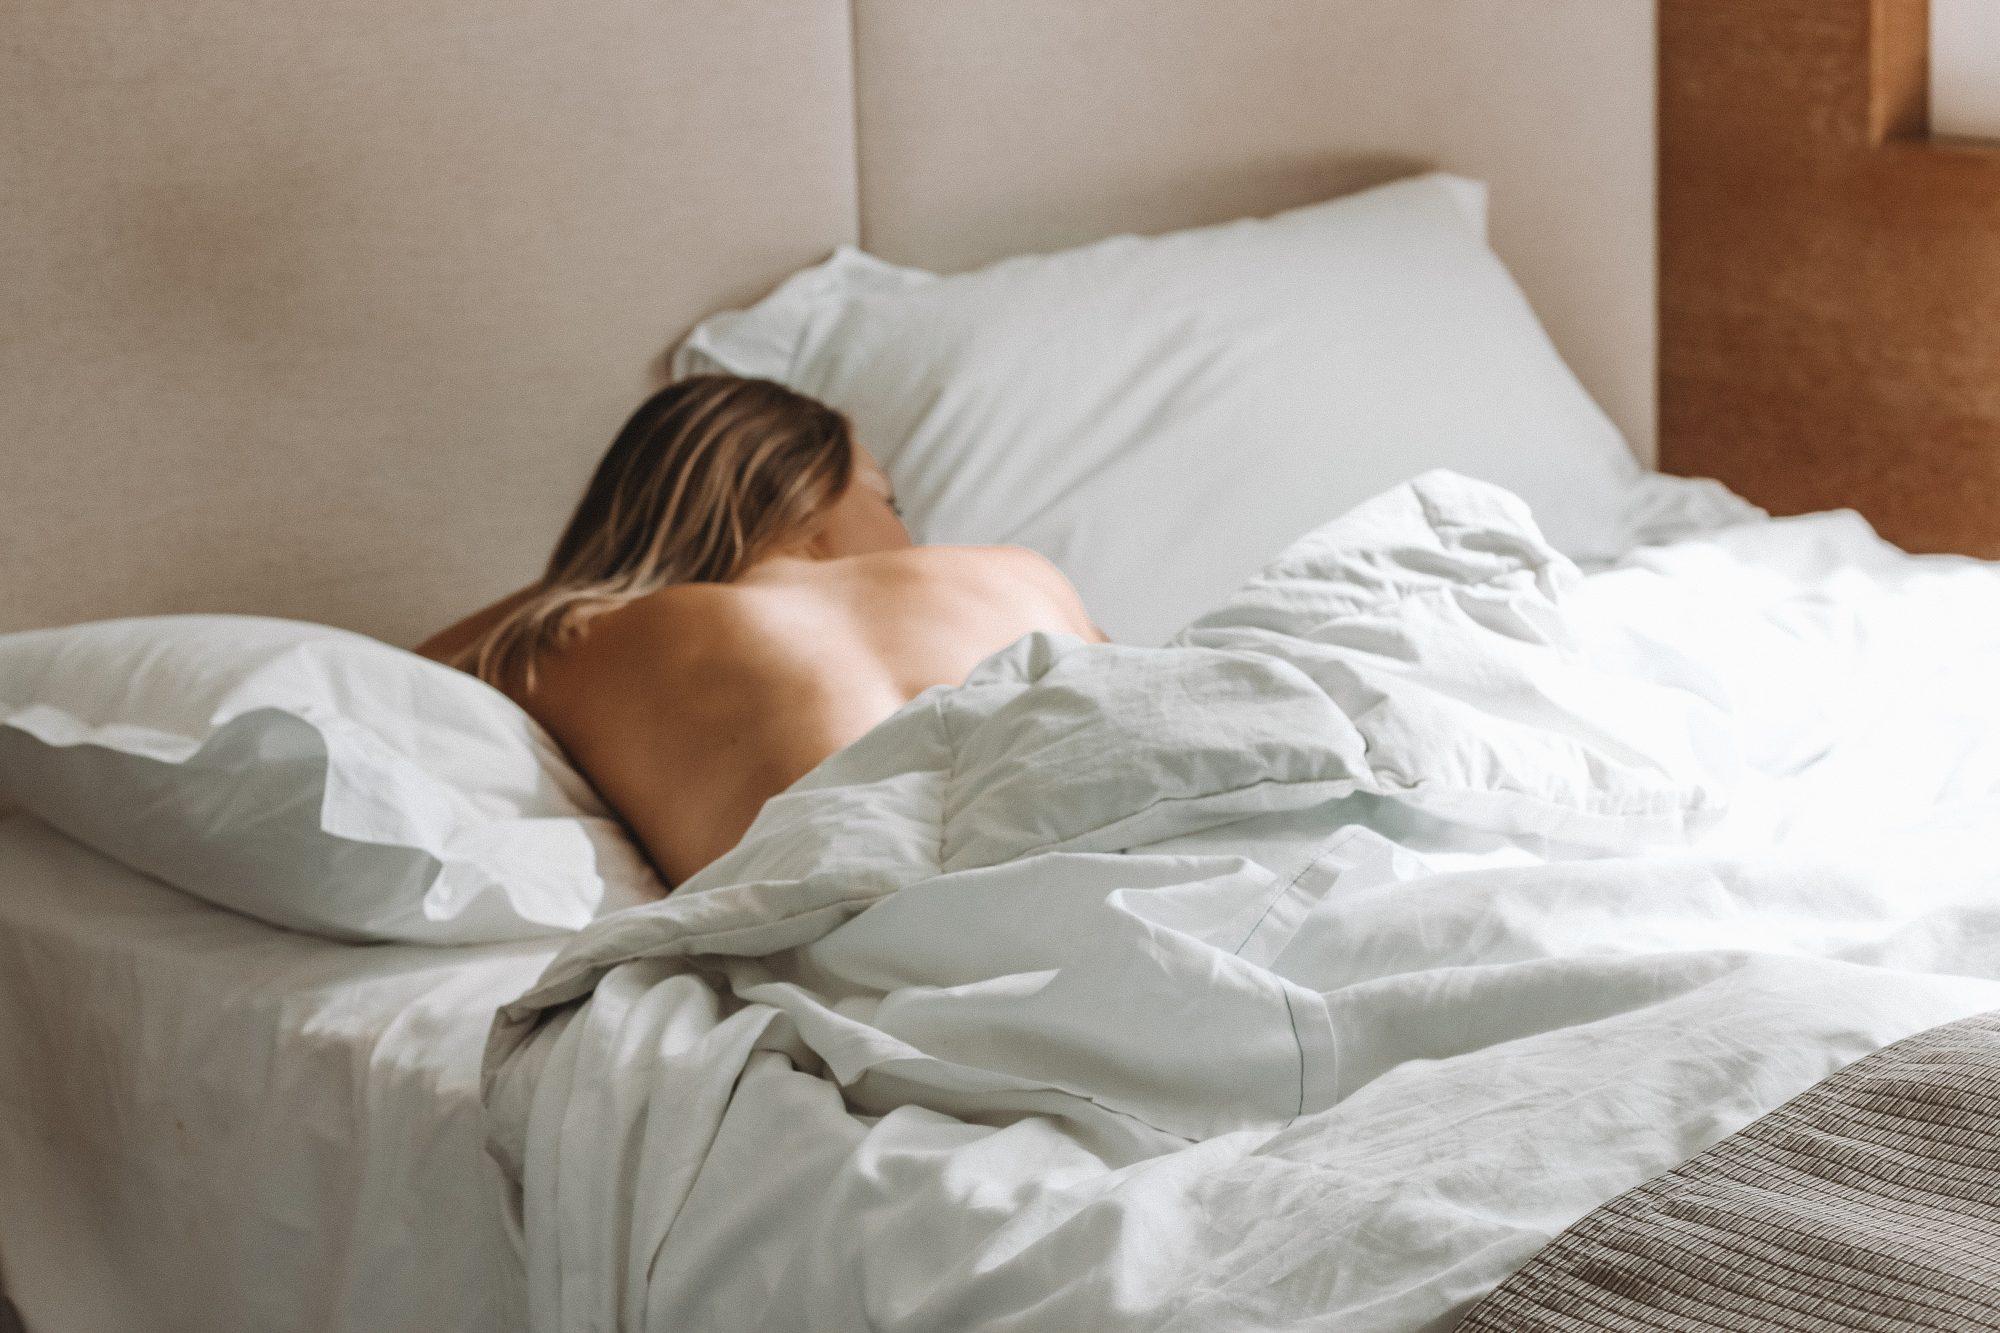 Γιατί νιώθεις κουρασμένη τόσο συχνά; Η αίσθηση ότι έχουμε ξεμείνει από καύσιμα είναι αρκετά συχνή και οι λόγοι είναι περισσότεροι από όσοι μπορείς να φανταστείς. Η ειδικός παθολόγος Αναστασία Μαργούτα αναλύει όλους τους πιθανούς λόγους που σε κάνουν να νιώθεις συνεχώς κουρασμένη.